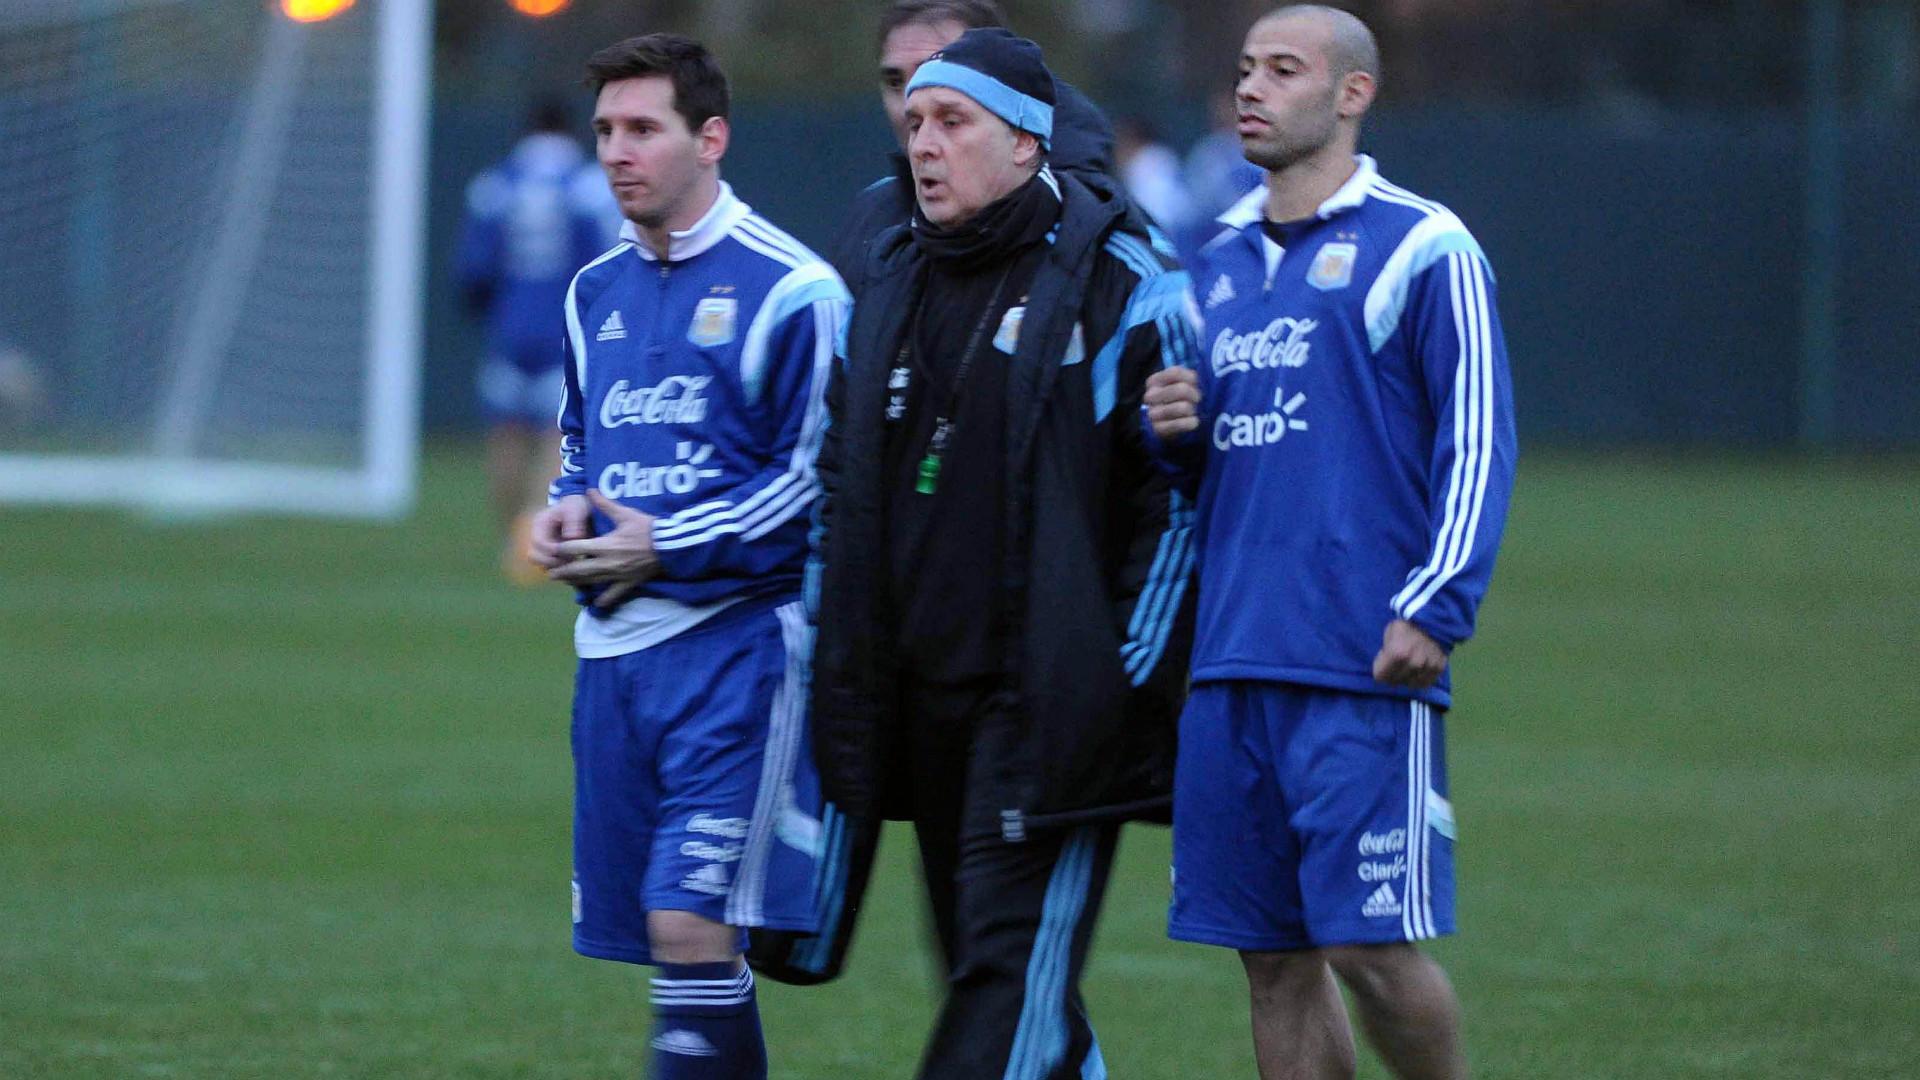 CAPOS. Martino con Messi y Mascherano, en una de las primeras giras con la Selección Argentina. Esta imagen es de un entrenamiento en el campo del Manchester City, en noviembre de 2014. El Tata sabe que ellos dos son las columnas principales de todo este proyecto, mas allá de estilos, triunfos o derrotas.